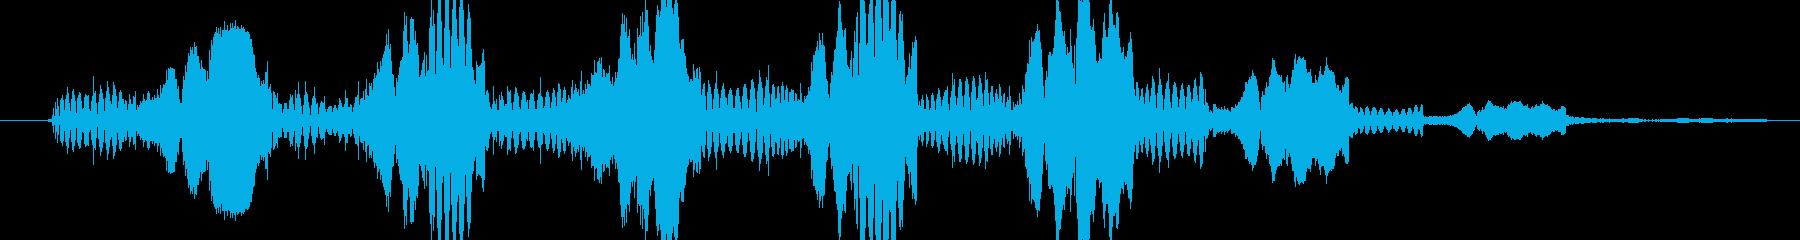 シンセ ショットテクノウォブルロー03の再生済みの波形